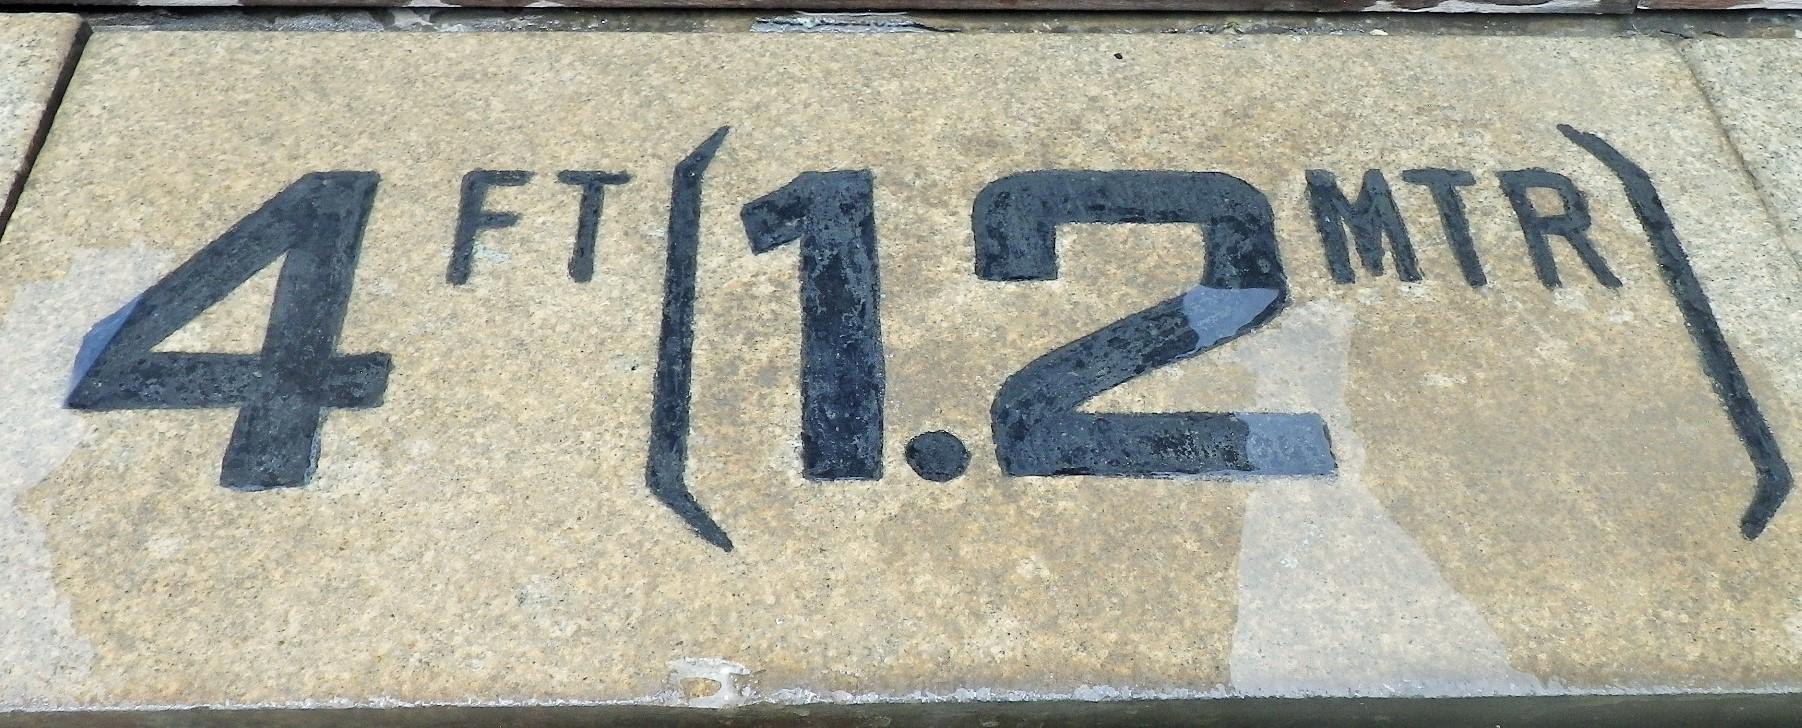 IMGP7326.jpg